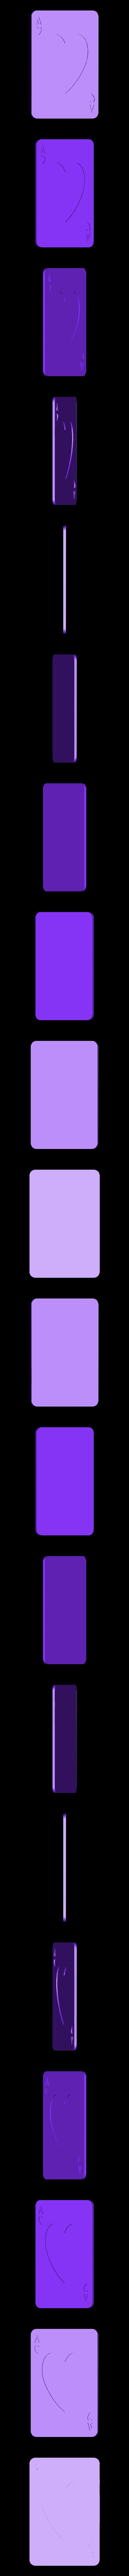 Hearts_1_dig.stl Télécharger fichier SCAD gratuit Les cartes à jouer • Objet imprimable en 3D, yvrogne59